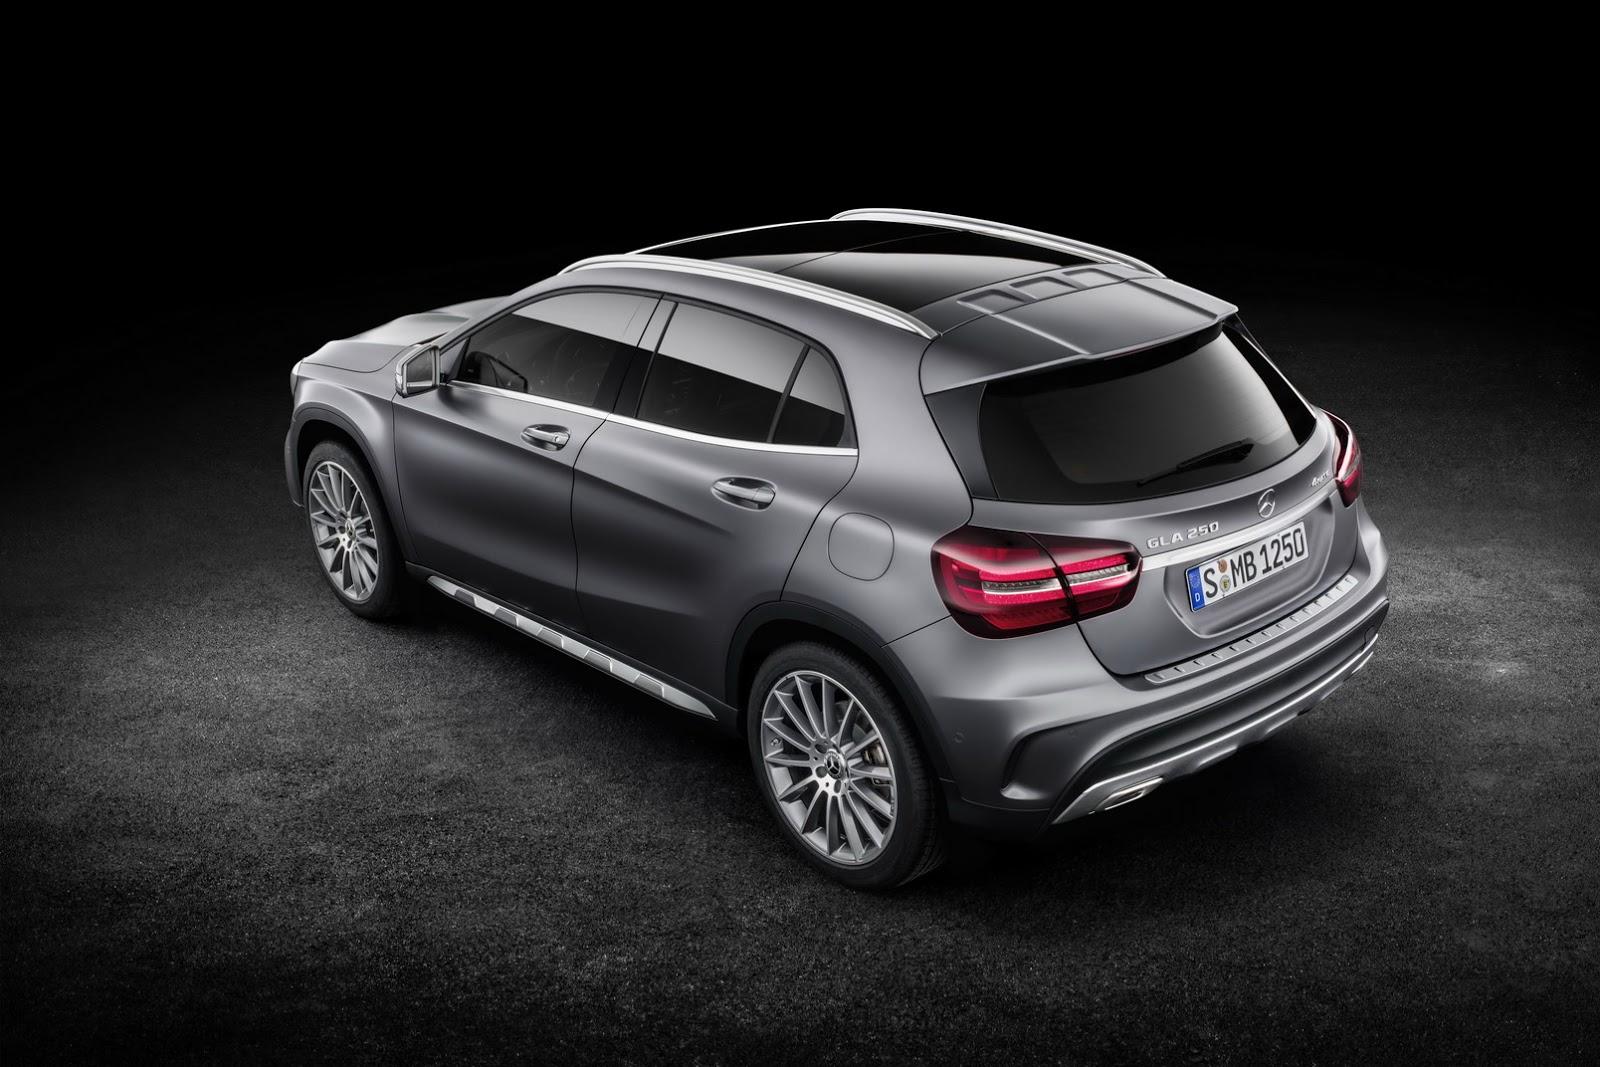 Mercedes GLA facelift and GLA 45 AMG facelift 2017 (58)